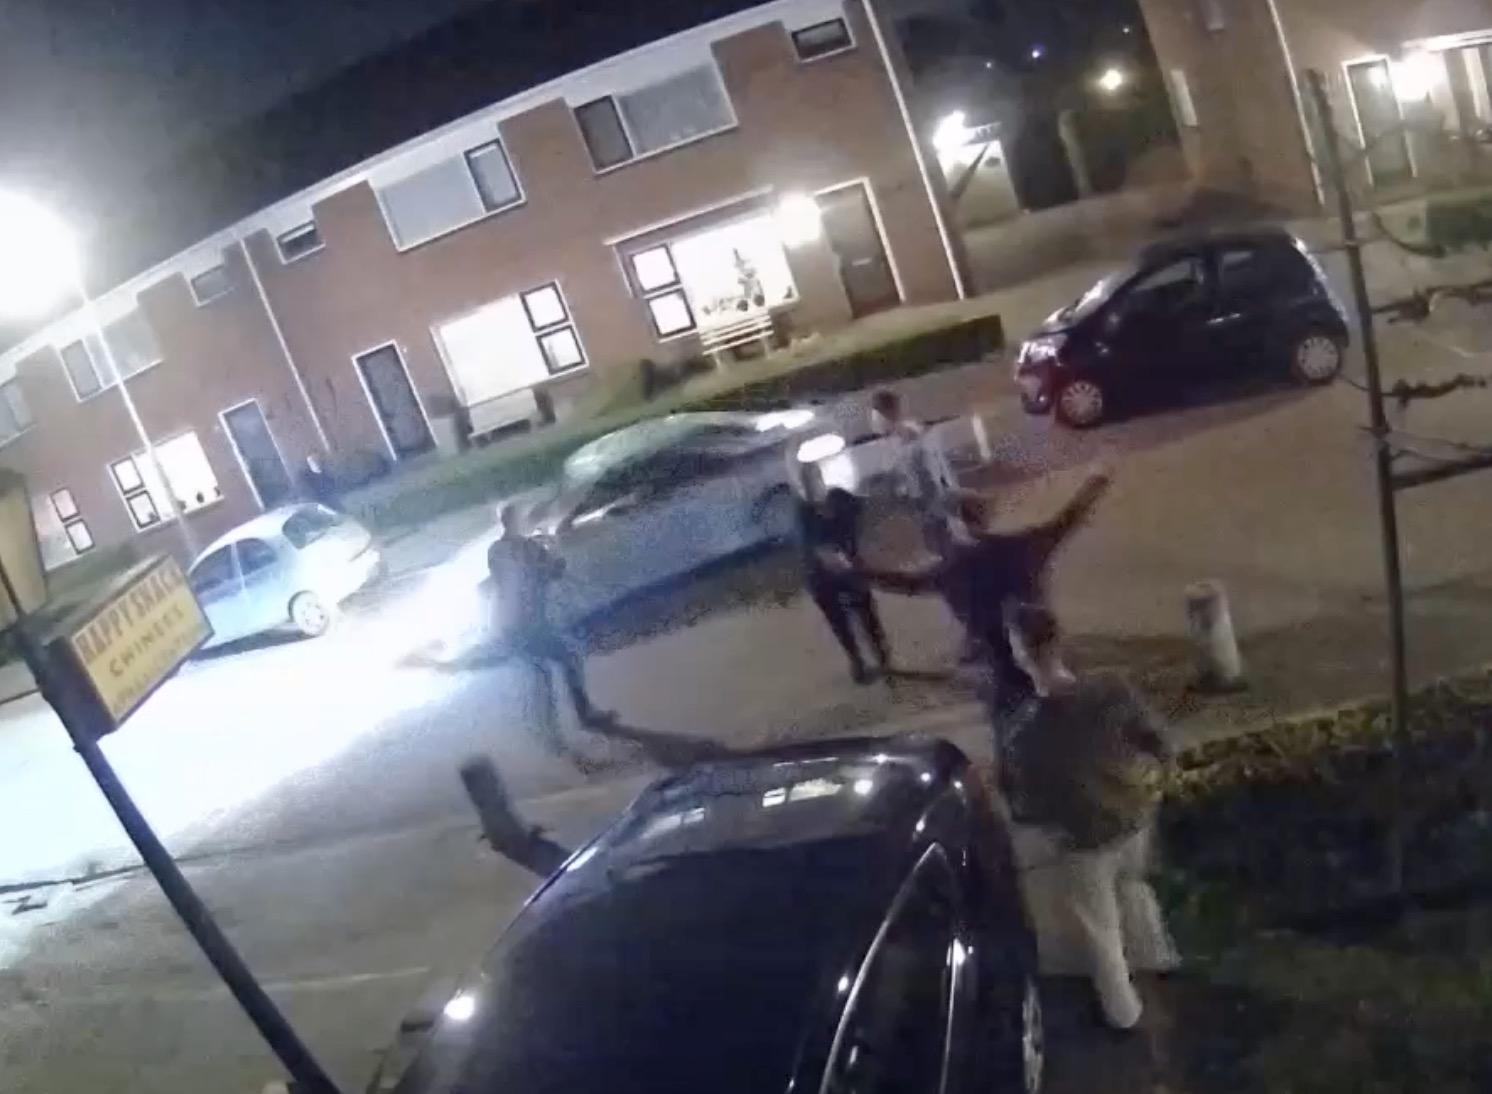 Bestuurder vlucht na botsing in Nibbixwoud, man aangehouden na achtervolging door buurtbewoners [video]